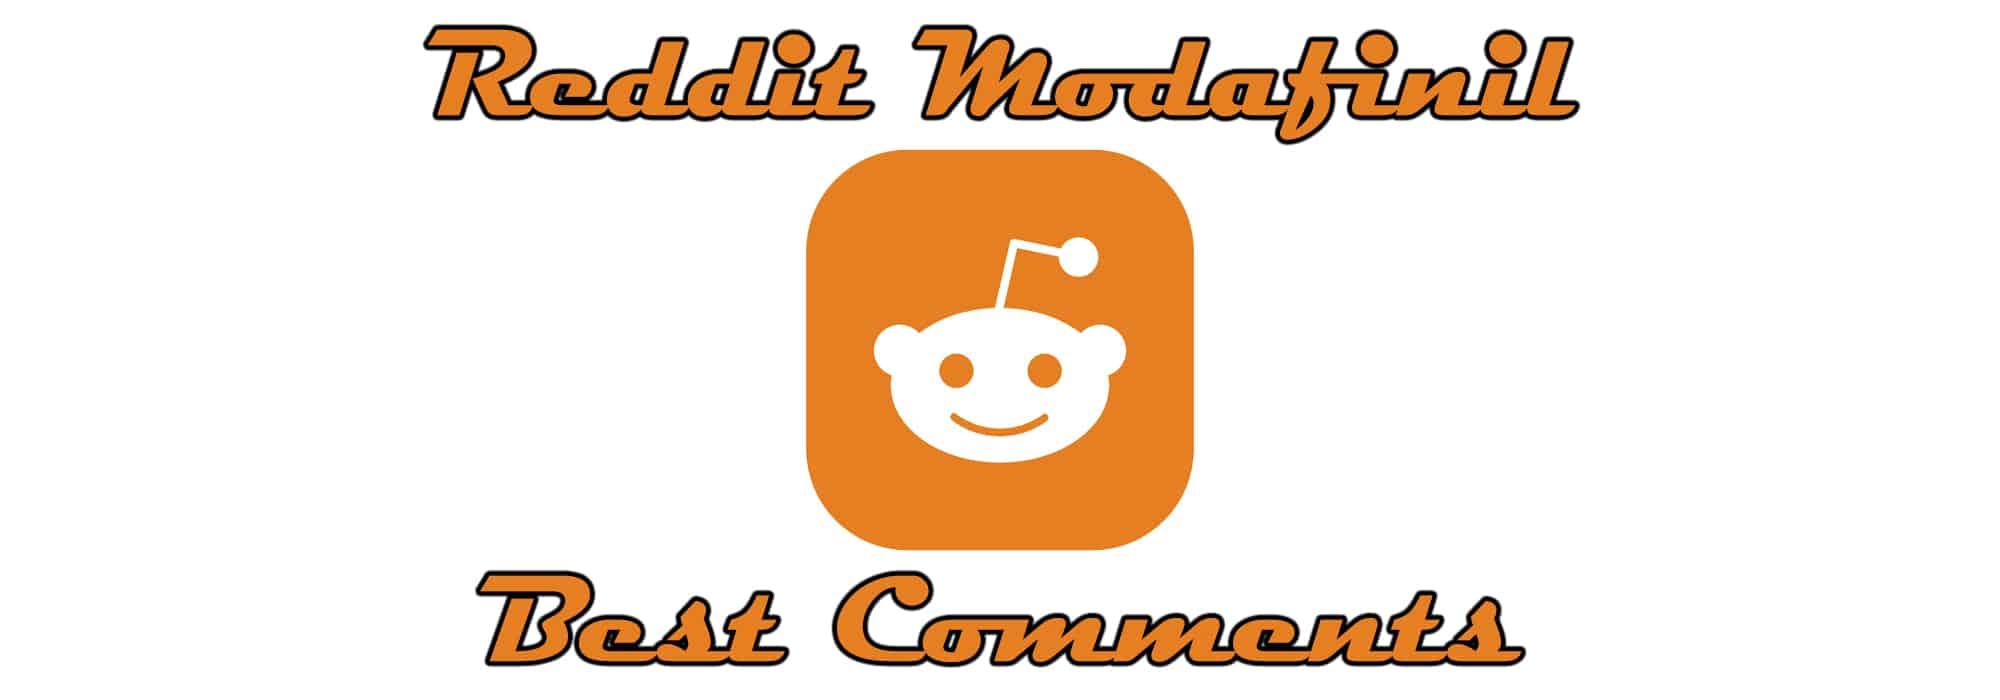 Best Reddit Modafinil Comments